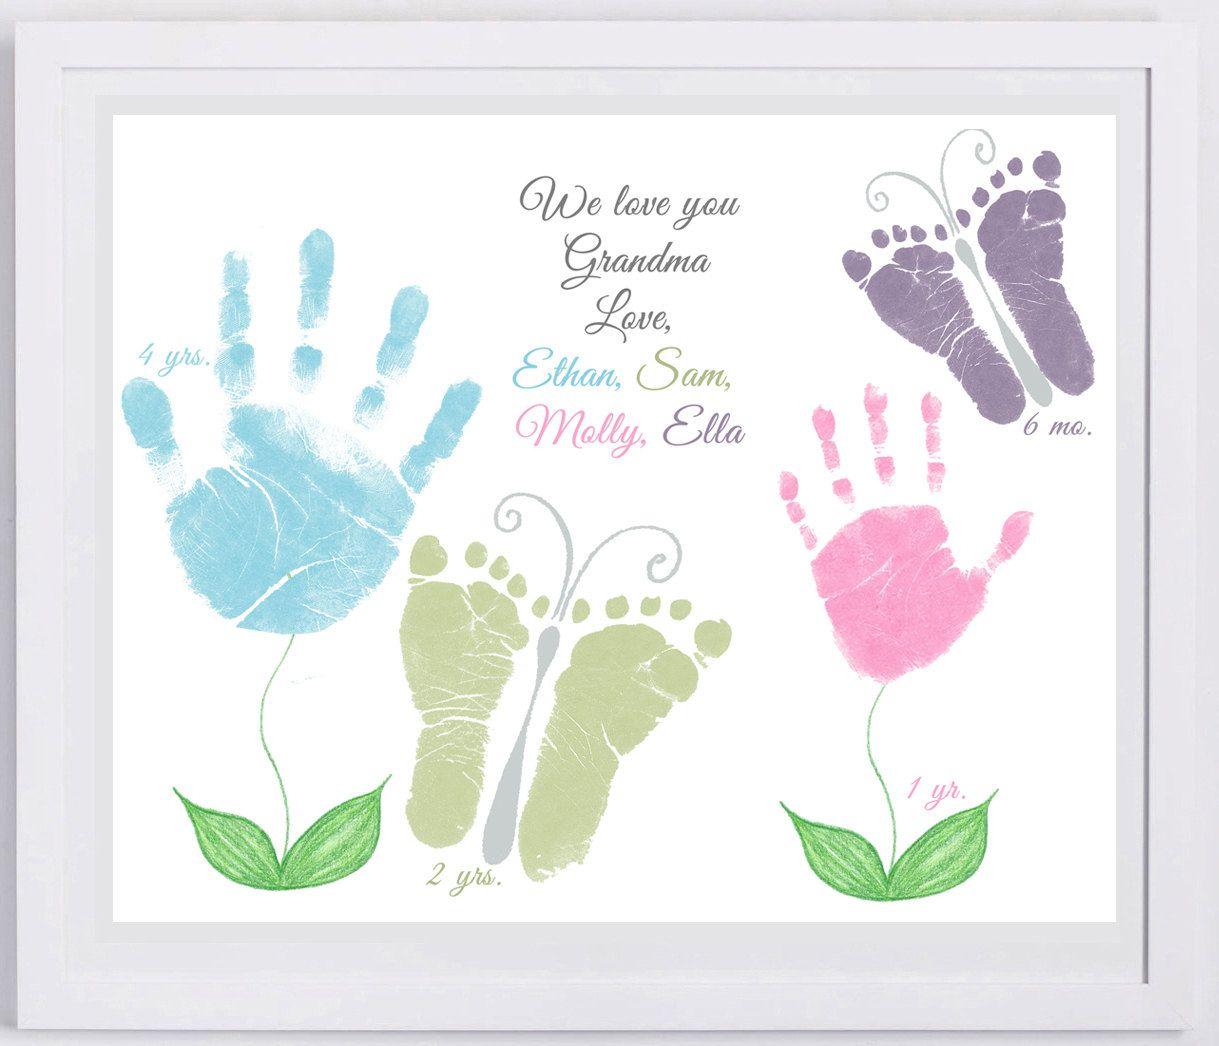 Для мамы, открытка с отпечатками ладошек на день